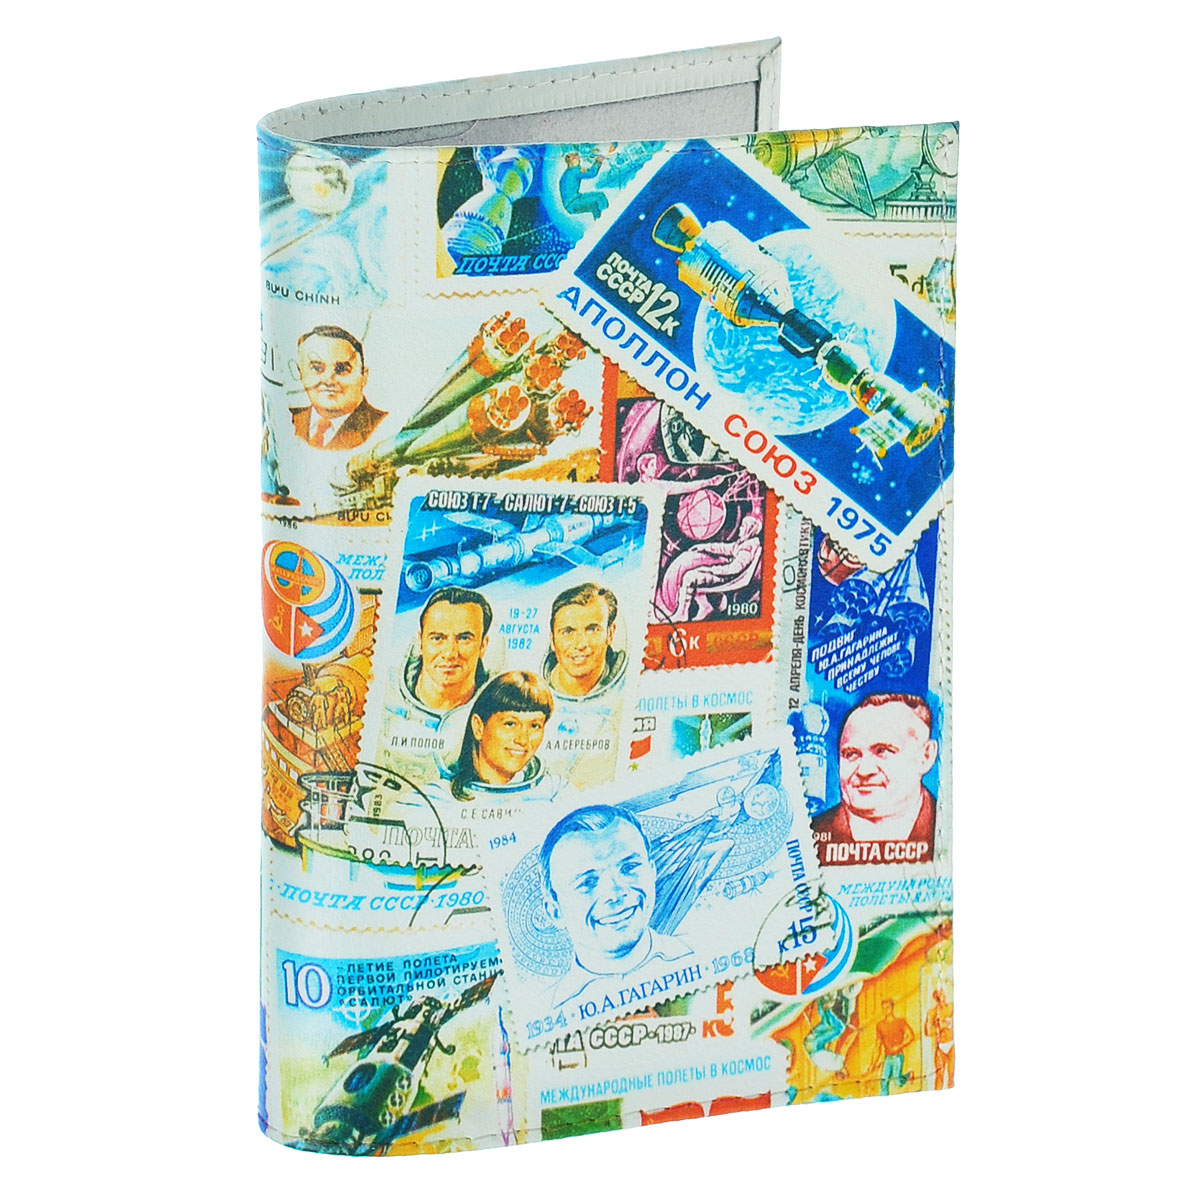 Обложка для паспорта Космос (марки). OK271960Обложка для паспорта Mitya Veselkov Космос. Марки выполнена из натуральной кожи и оформлена изображениями почтовых марок с космической тематикой. Такая обложка не только поможет сохранить внешний вид ваших документов и защитит их от повреждений, но и станет стильным аксессуаром, идеально подходящим вашему образу.Яркая и оригинальная обложка подчеркнет вашу индивидуальность и изысканный вкус. Обложка для паспорта стильного дизайна может быть достойным и оригинальным подарком.